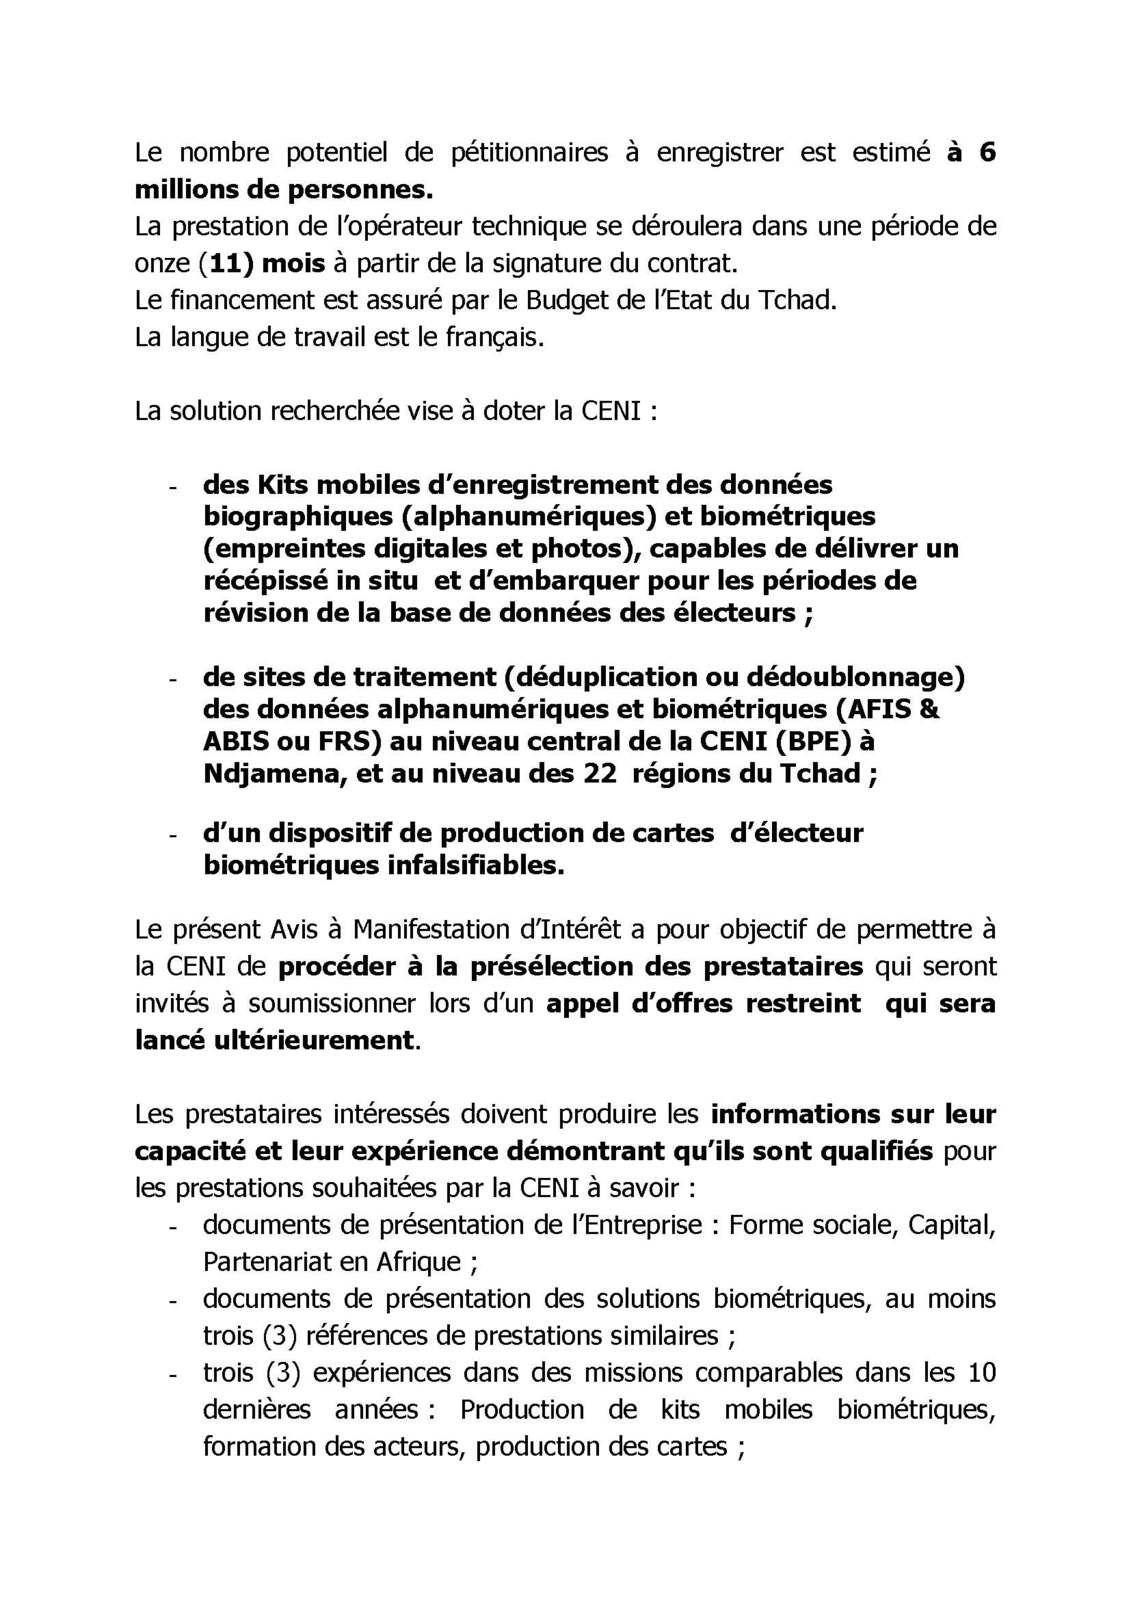 CENI : vigilance de mise au Tchad